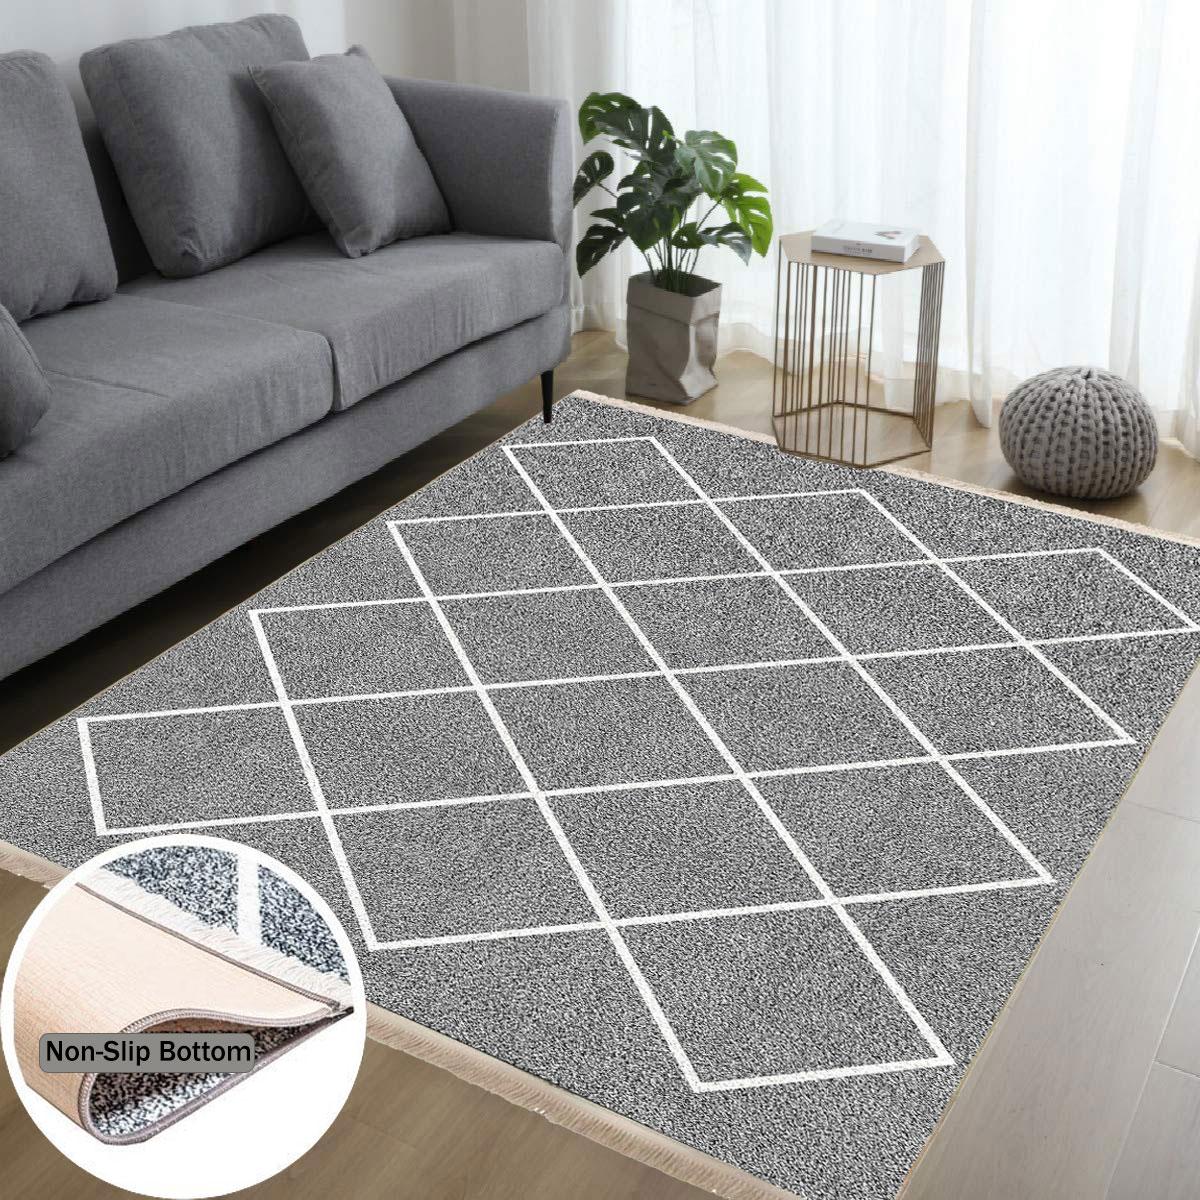 Full Size of Teppich Schlafzimmer Wohnzimmer Teppiche Badezimmer Für Küche Bad Steinteppich Esstisch Wohnzimmer Teppich Waschbar